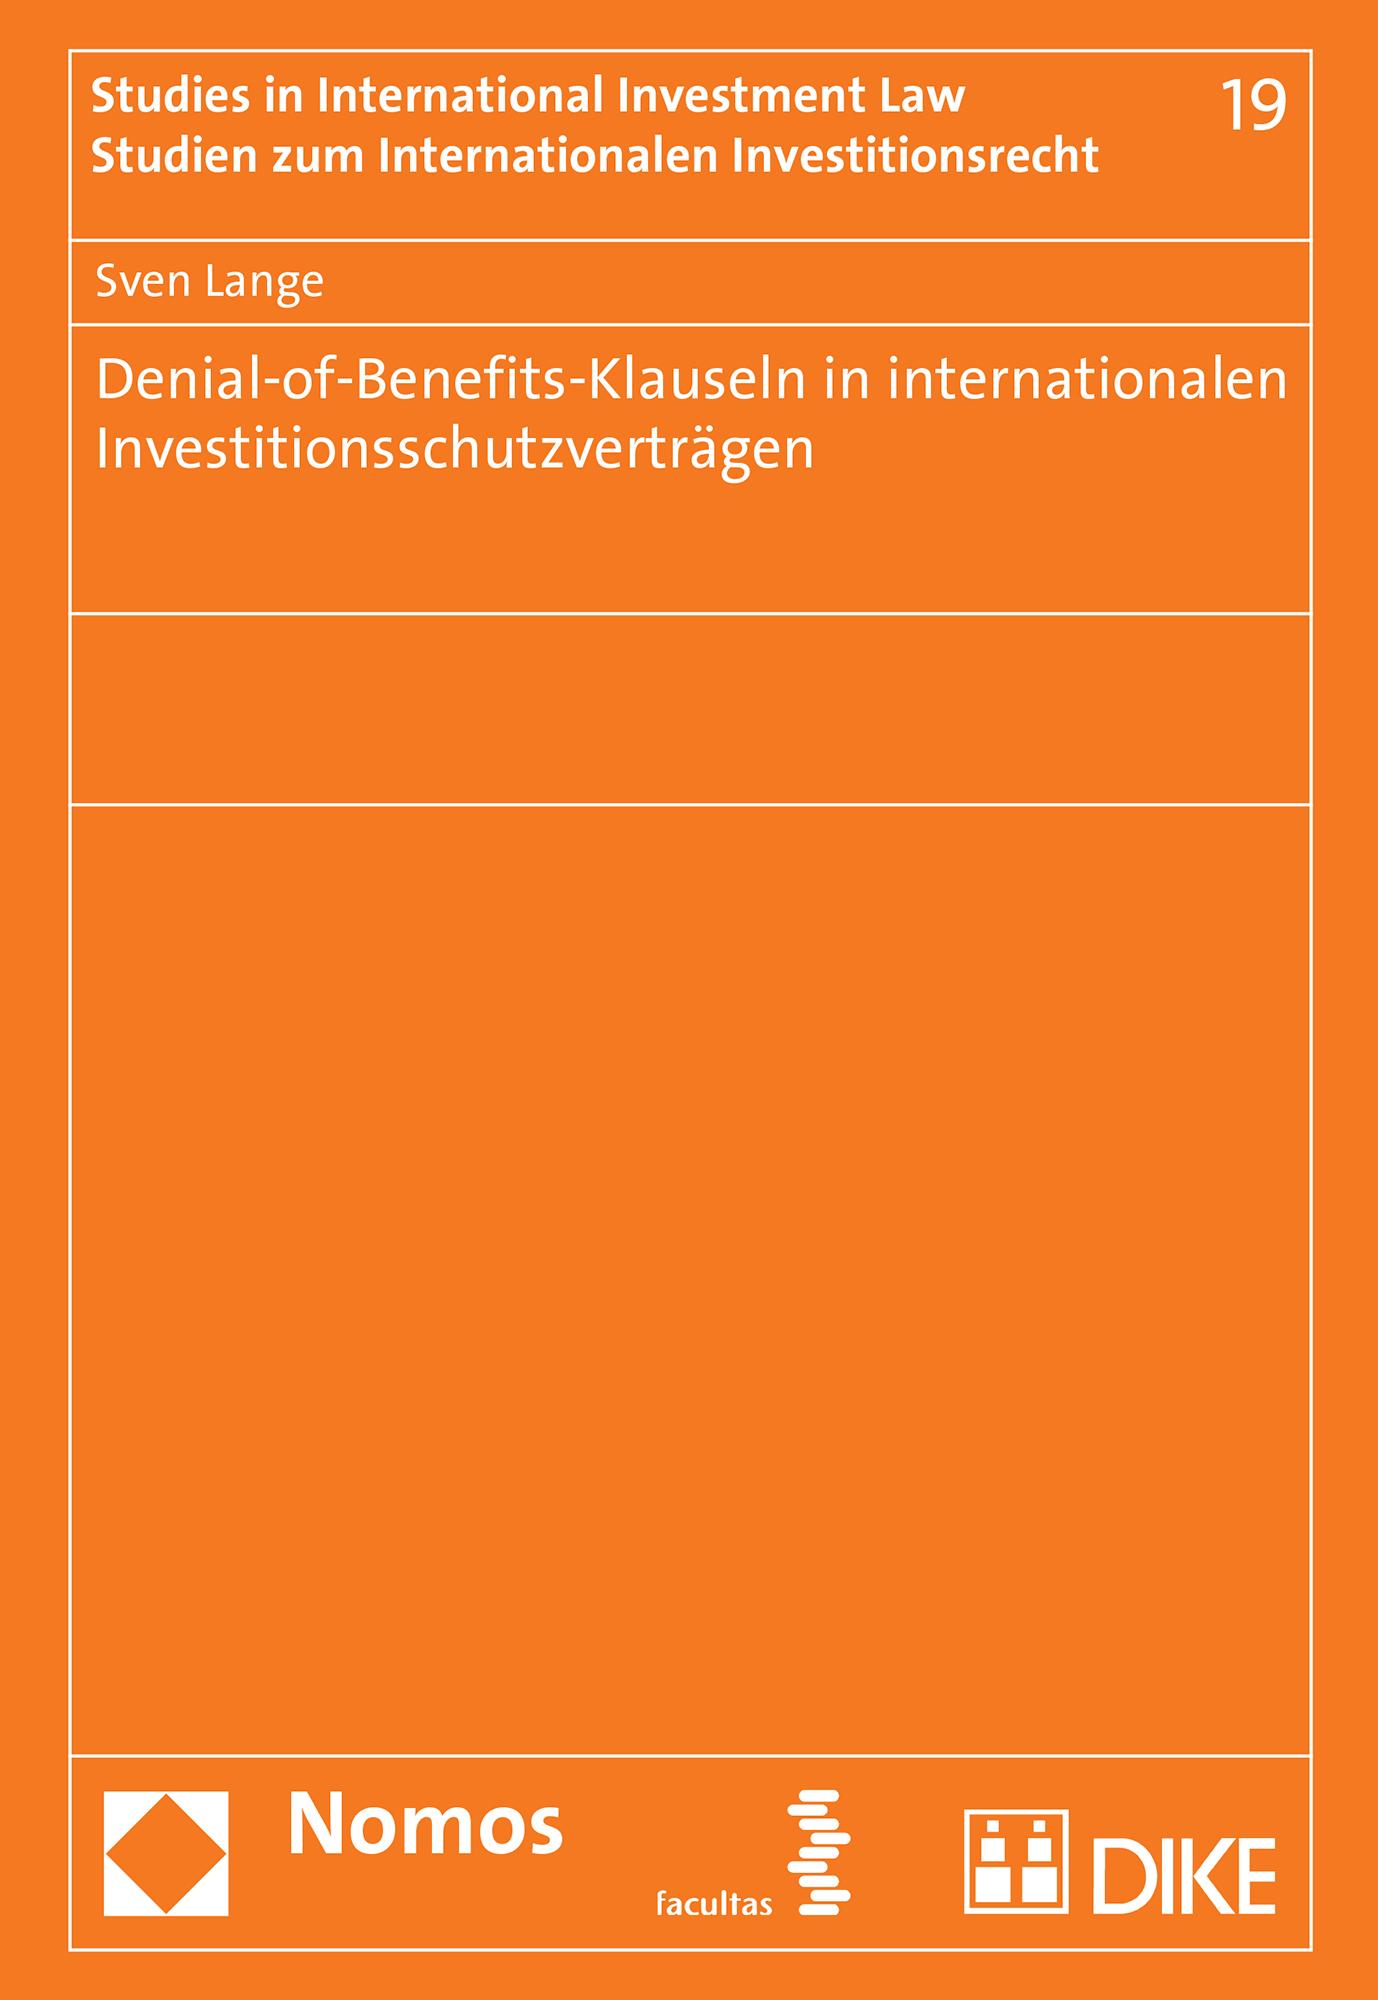 Denial-of-Benefits-Klauseln in internationalen Investitionsschutzverträgen